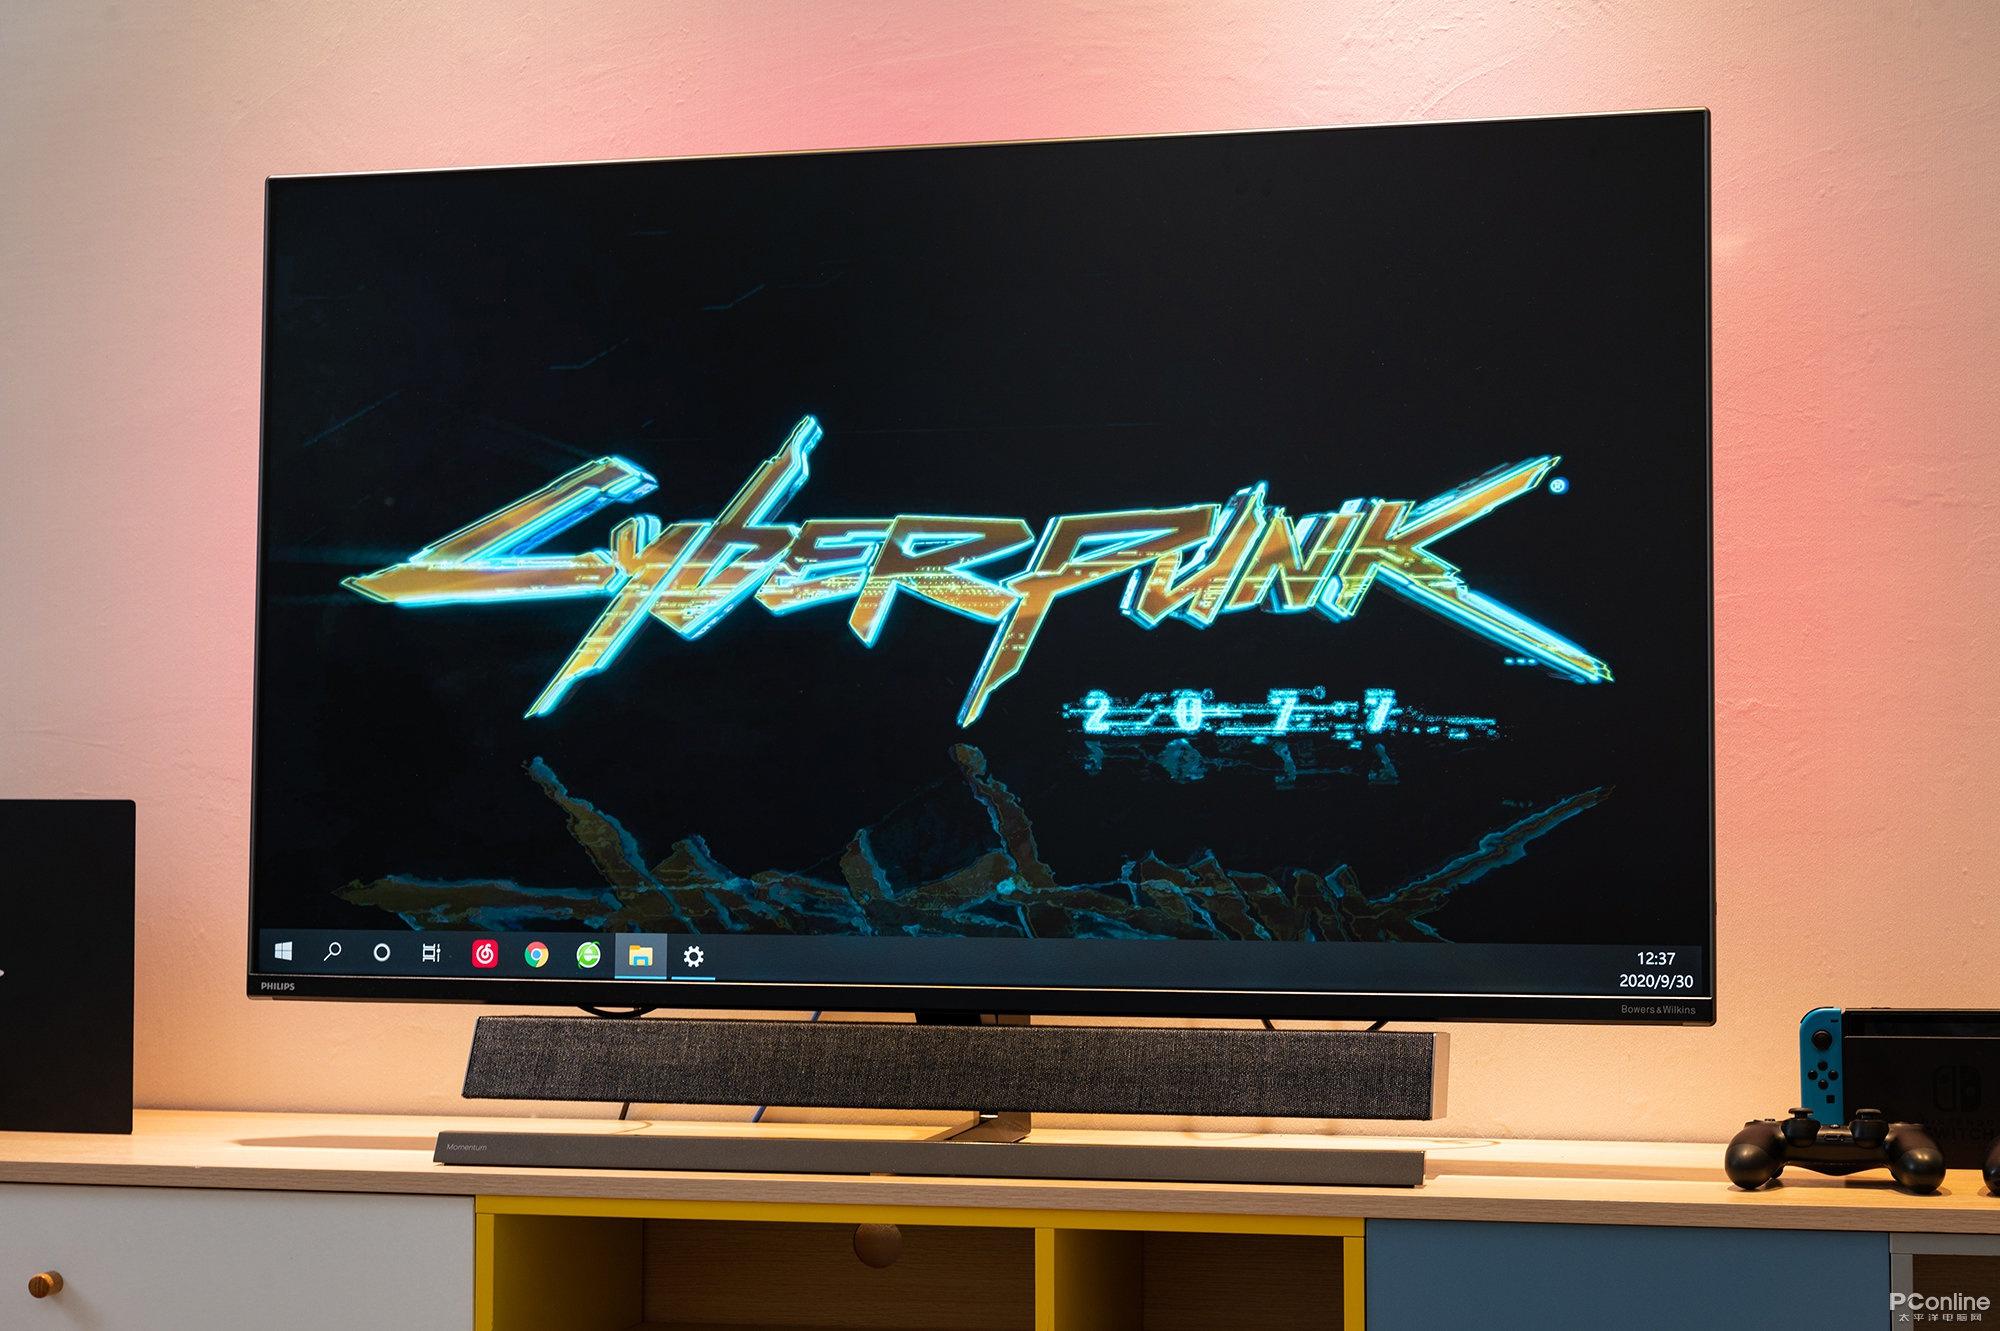 飞利浦558M1RY显示器图赏 55寸的巨屏犹如电视机